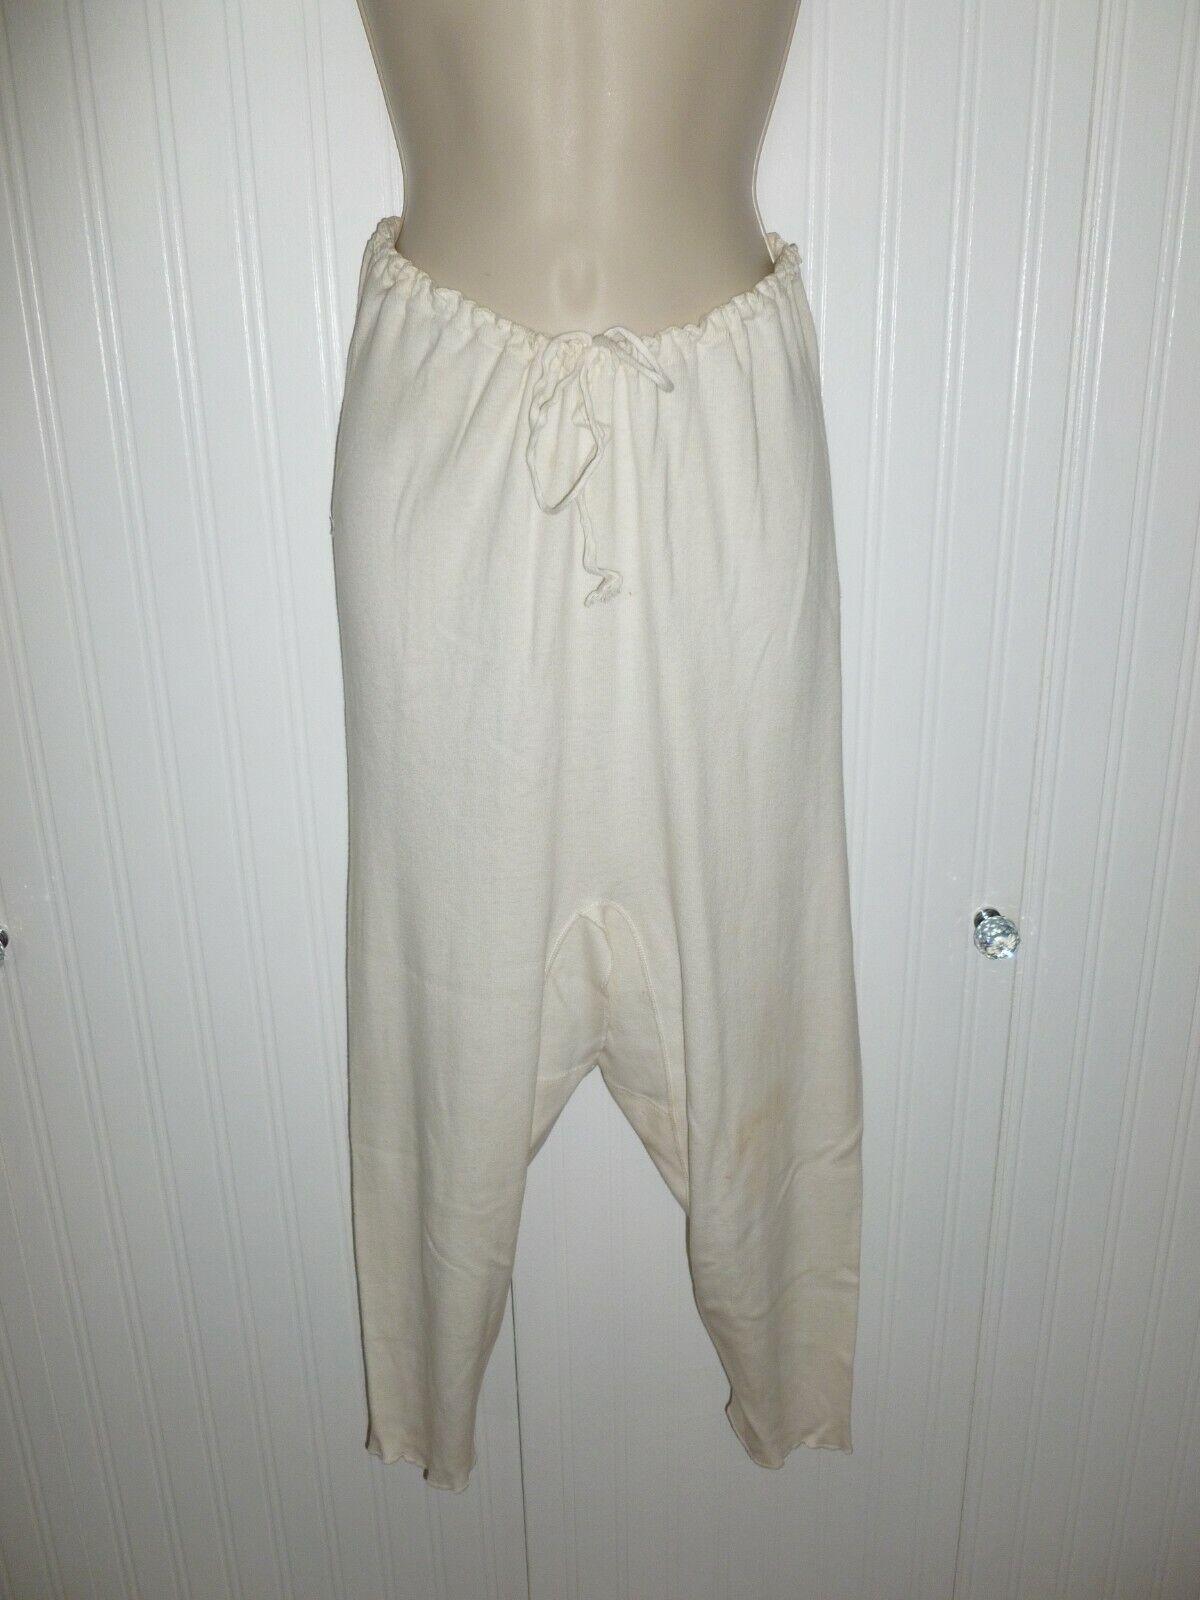 Antique Cotton Knit Union Suit 1920s Vintage Long Johns Long Underwear RH White